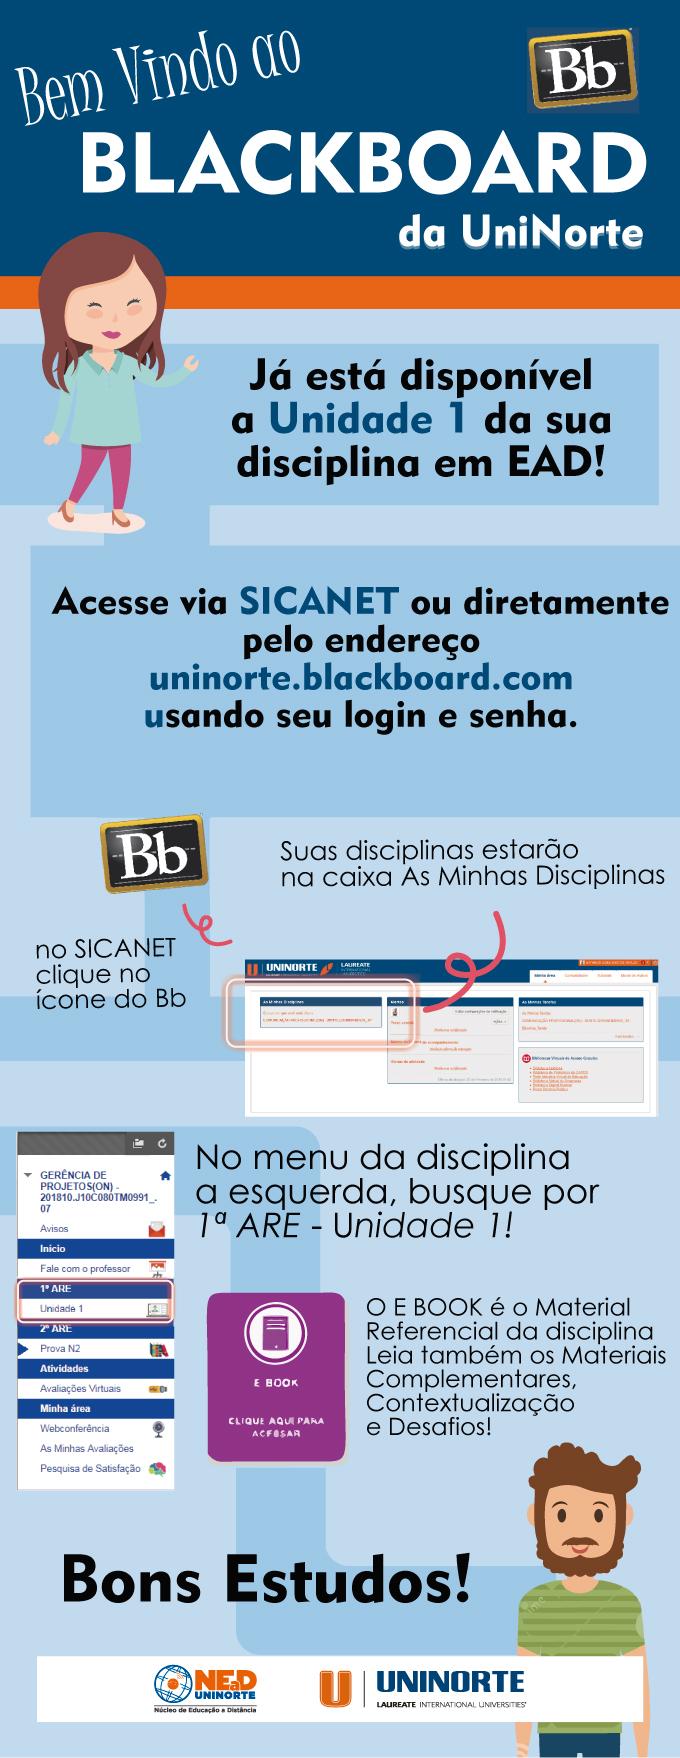 nead_uninorte_blackboard-2